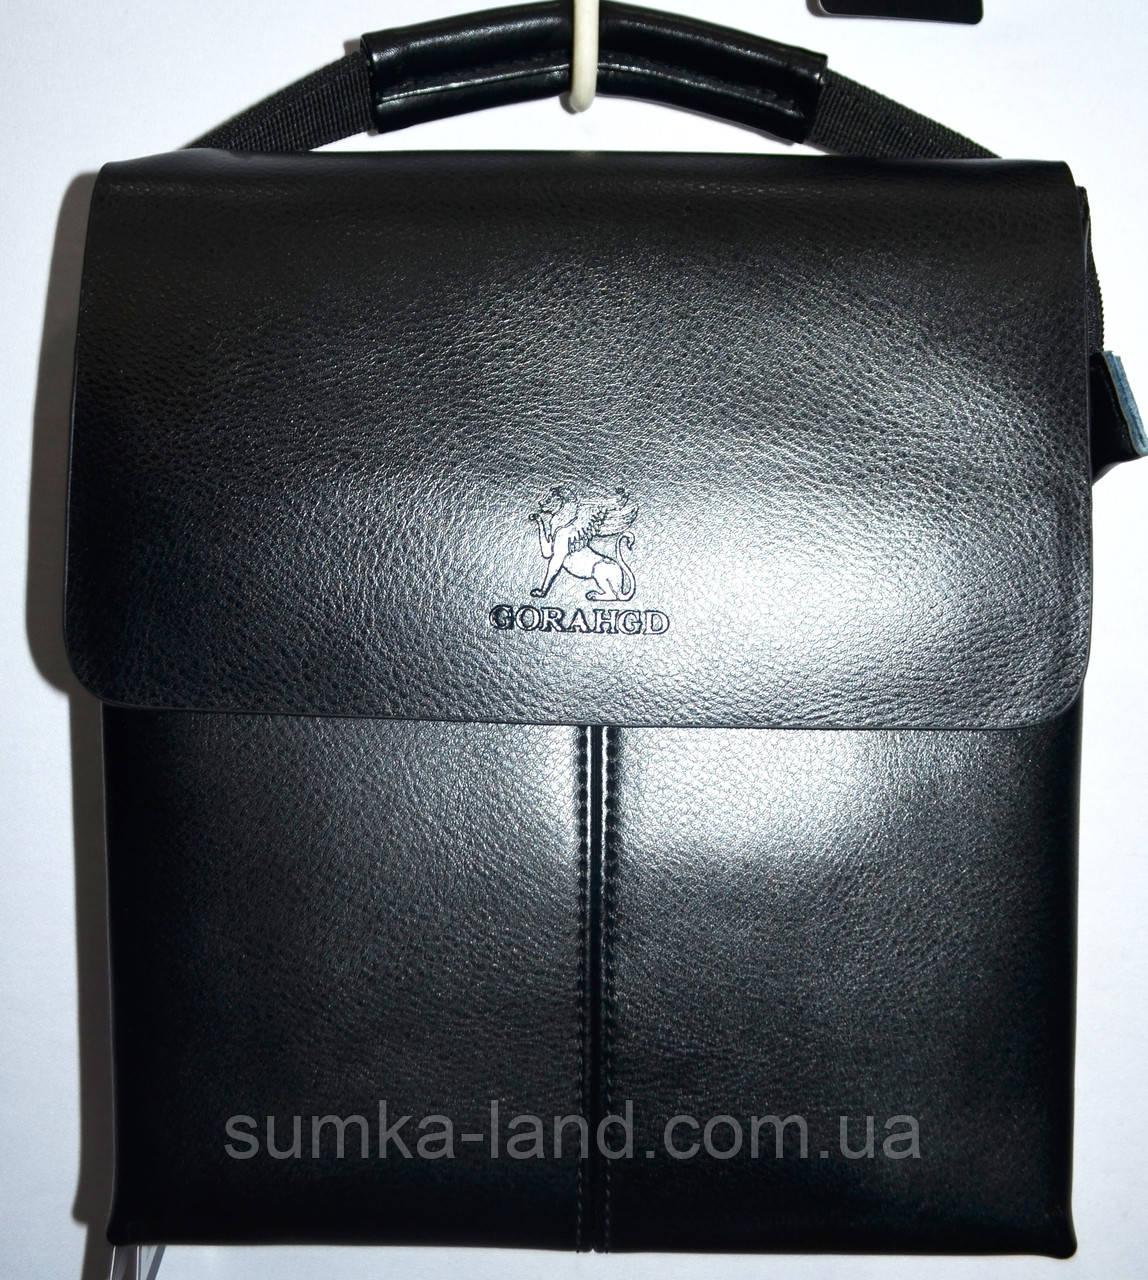 Мужская каштановая кожаная сумка барсетка на плечо 21*24 см